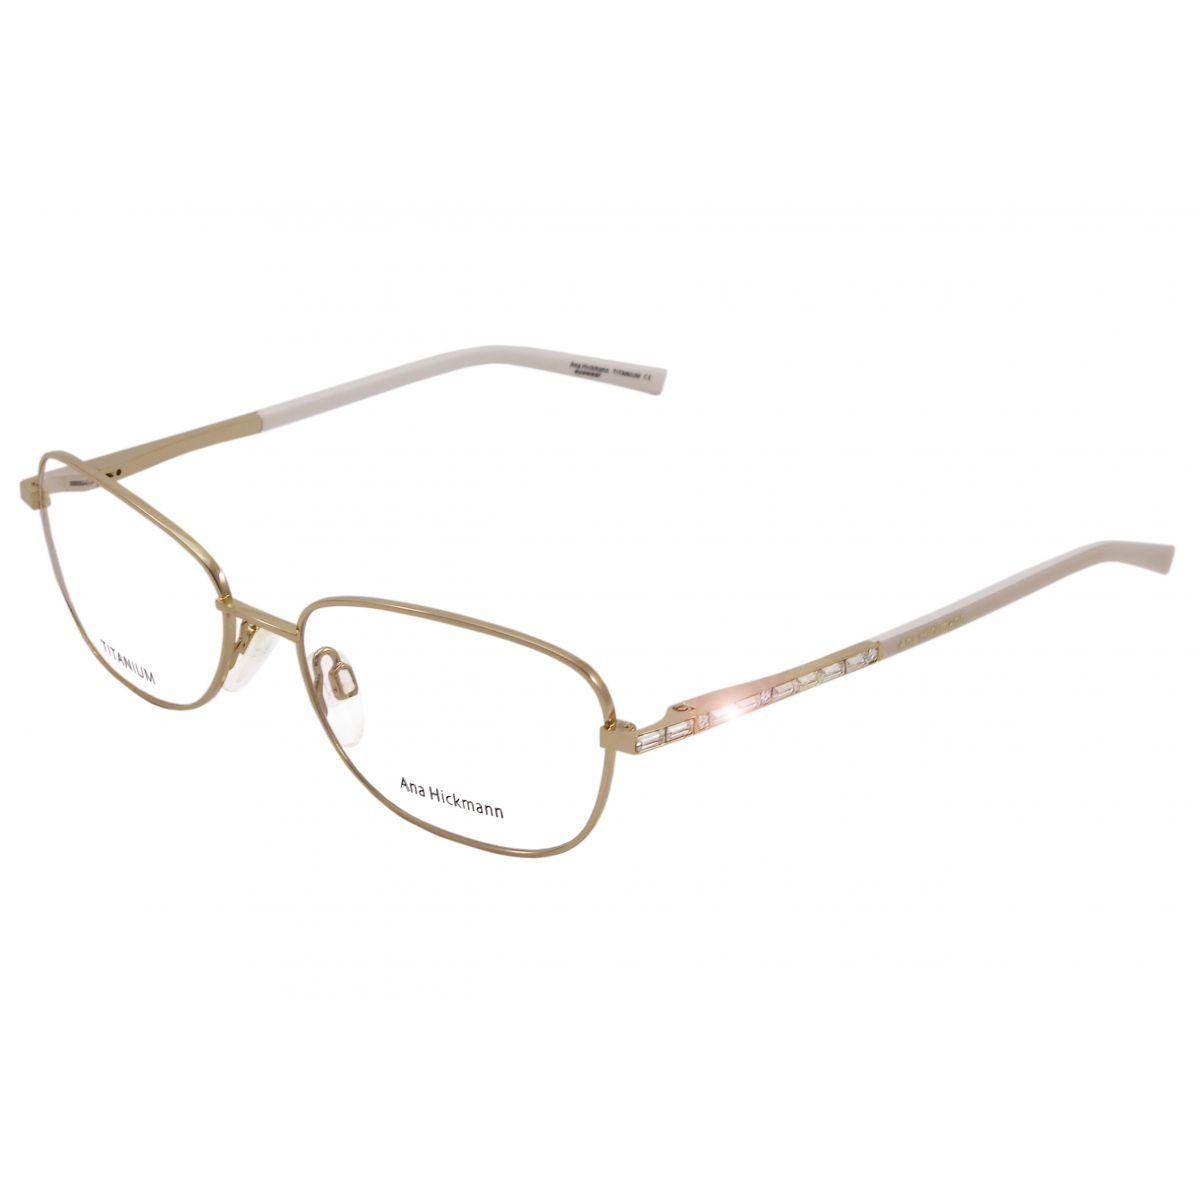 Oculos De Grau Ana Hickmann Titanio Ah1261 04a Tam 54 With Images